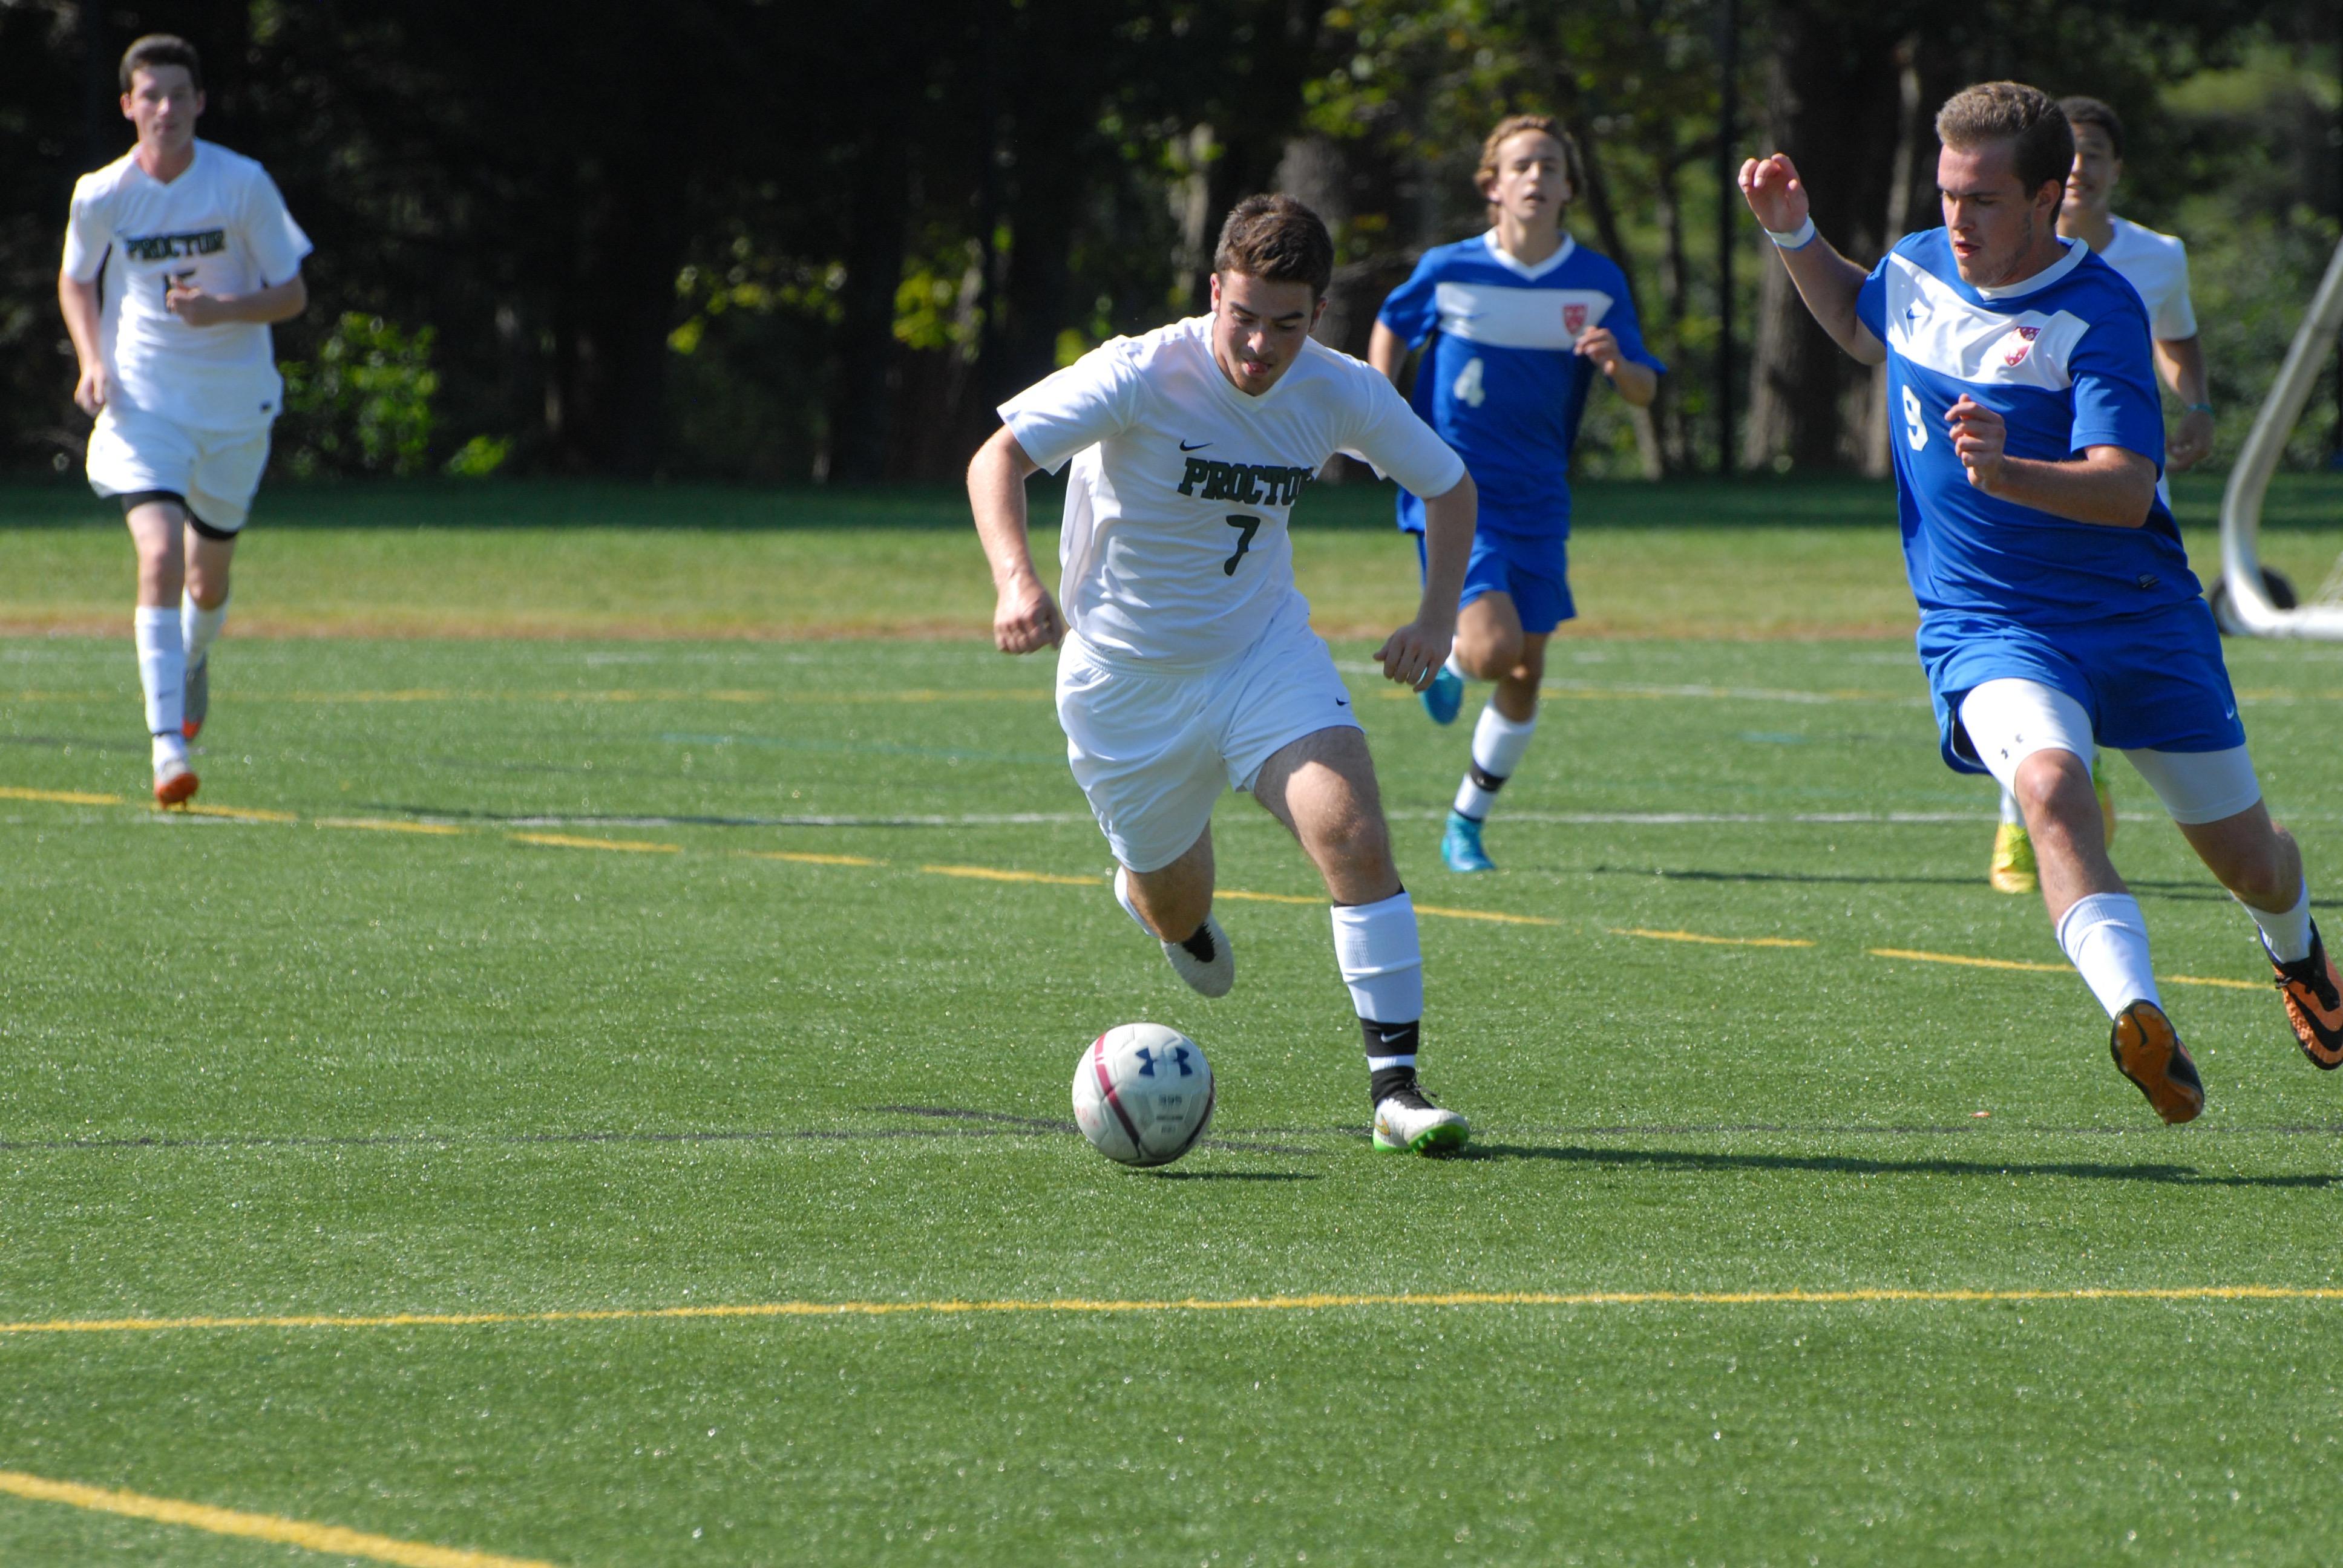 Proctor Academy Boys Soccer